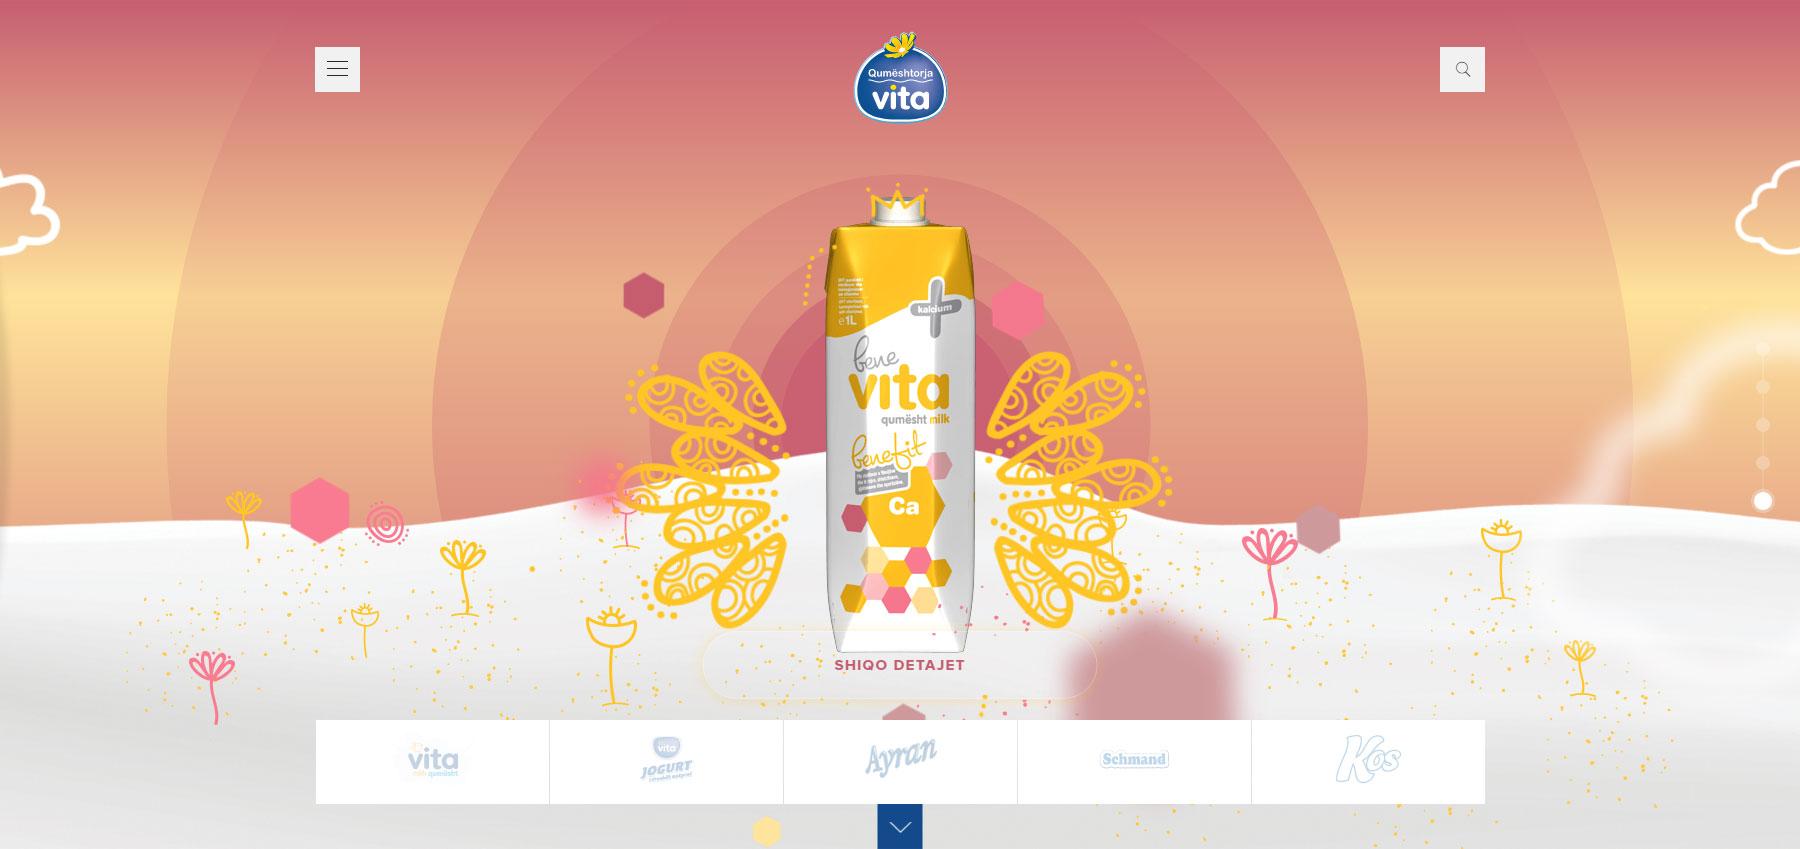 Qumështorja Vita - Website of the Day